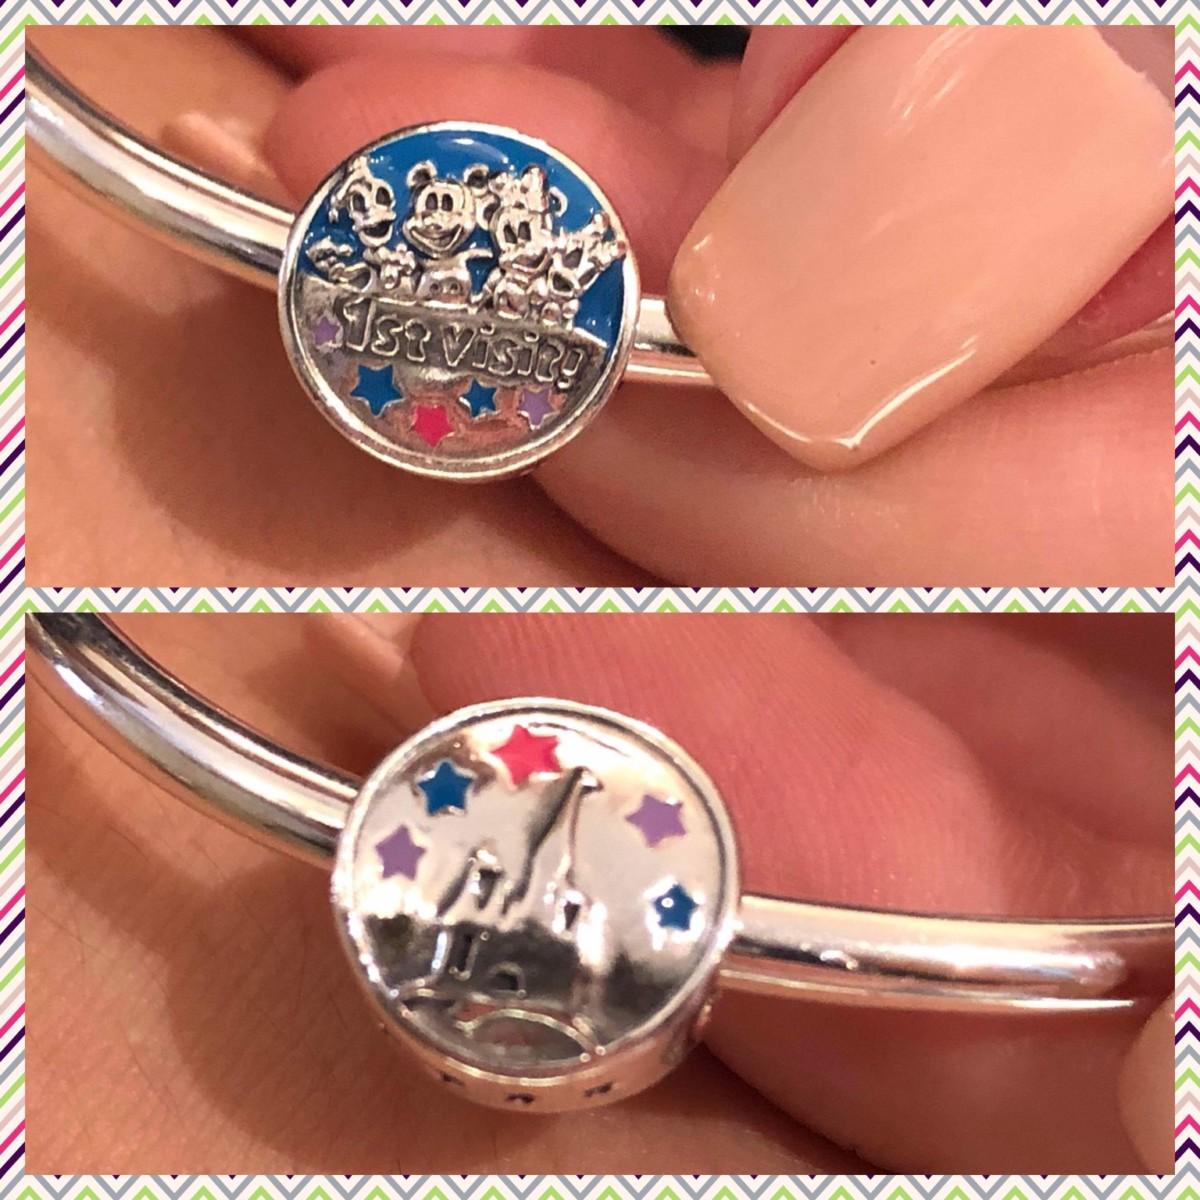 Pandora Jewelry Orlando: New Disney Pandora Charms Out Today